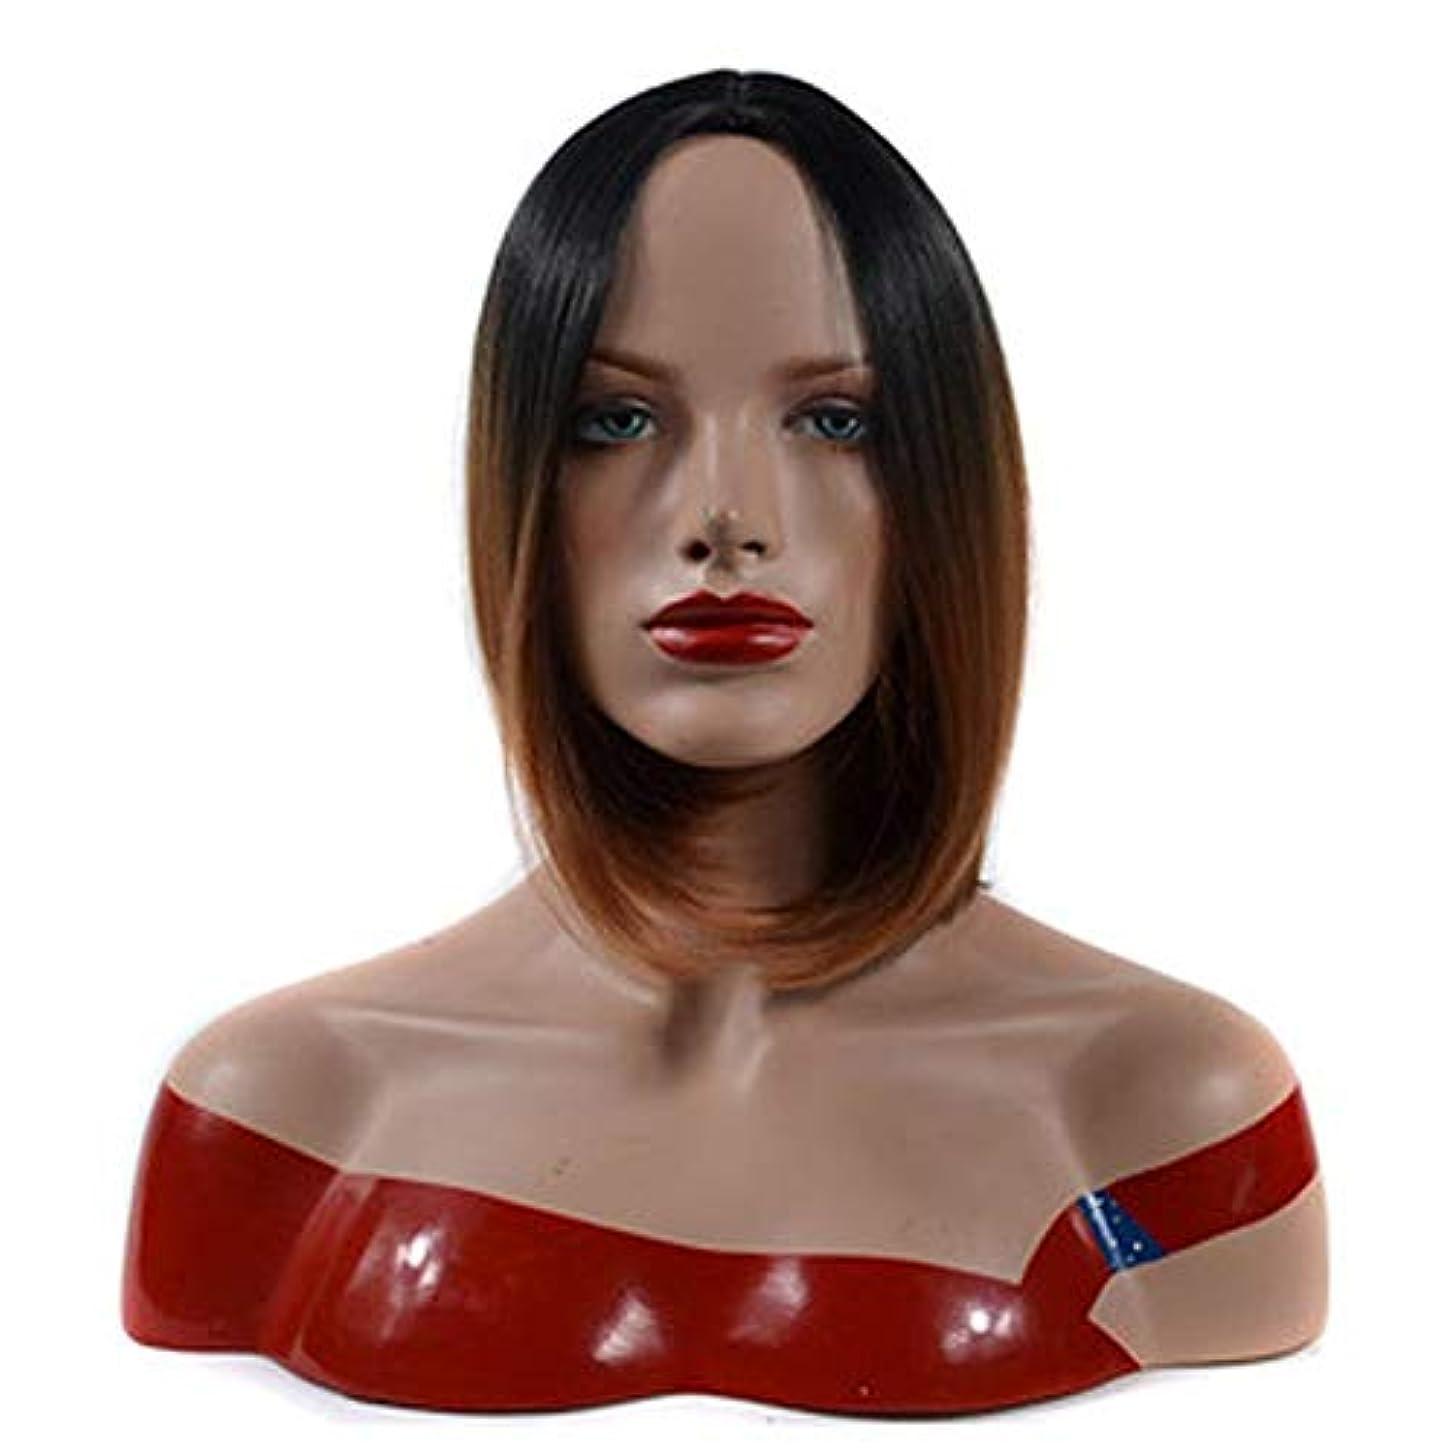 不愉快スラダムライブYOUQIU 女性コスプレパーティードレスウィッグについては黒髪ルートライトブラウンショートストレート髪ボブウィッグ (色 : 淡い茶色, サイズ : 30cm)